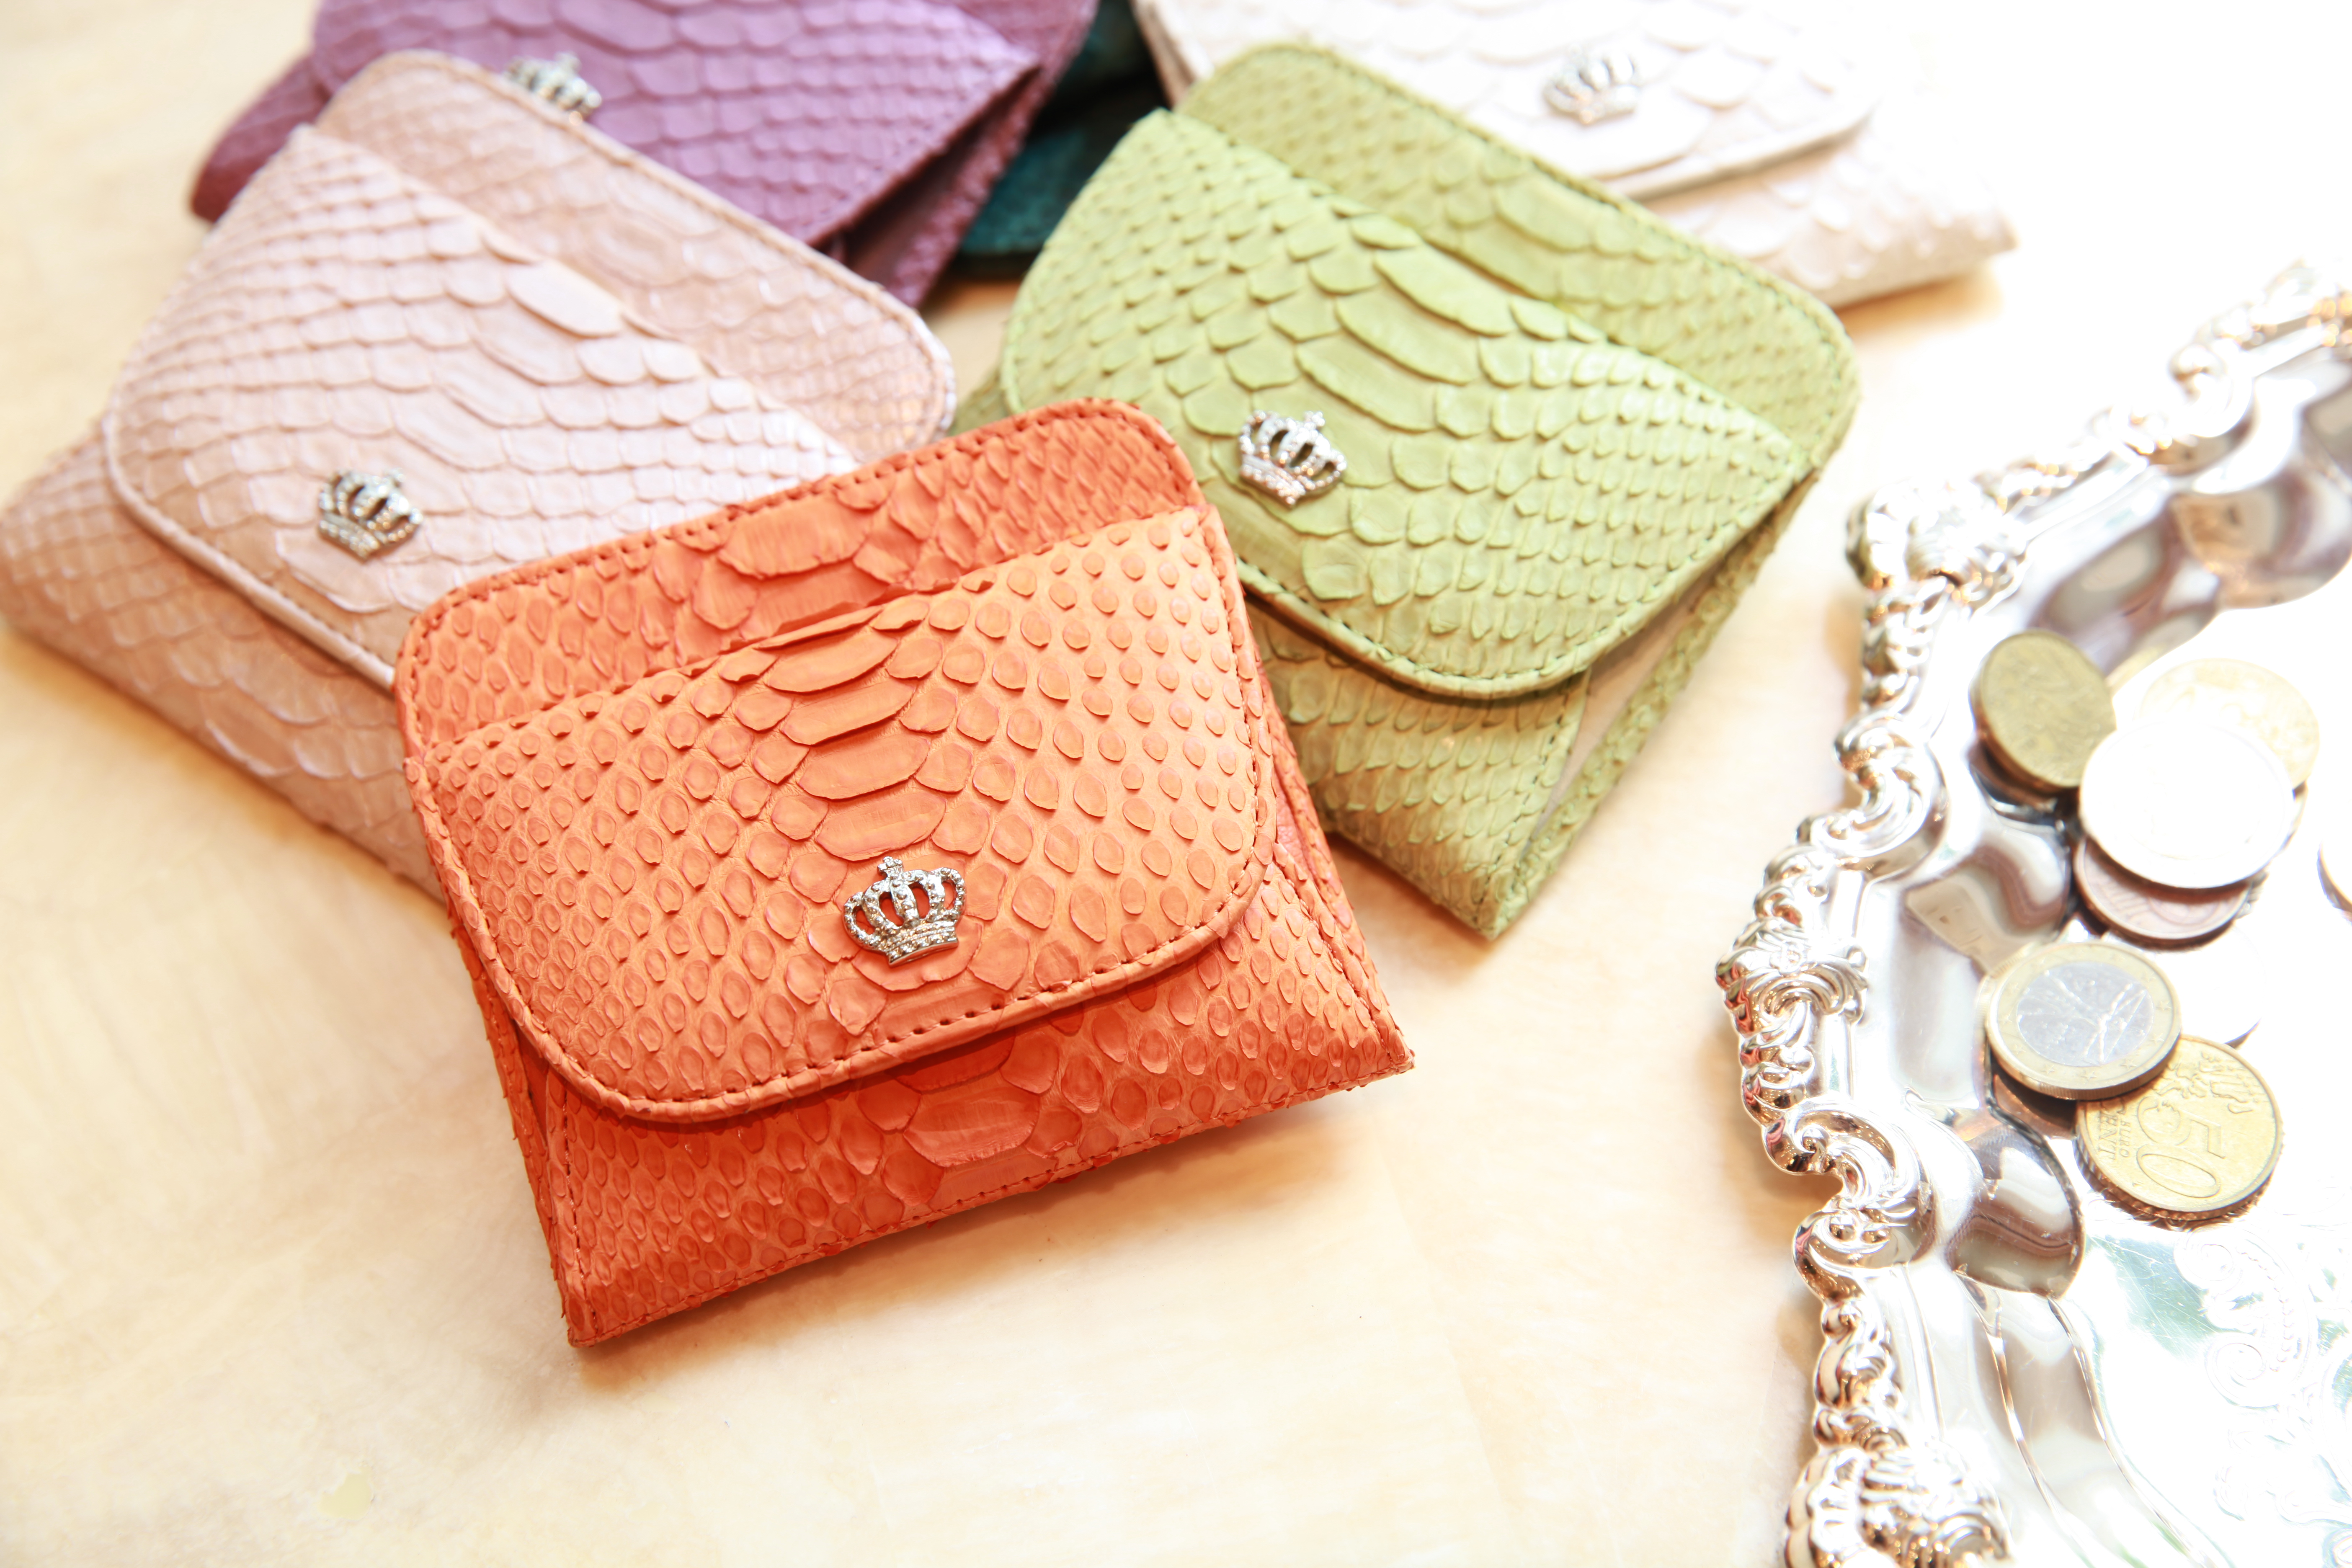 30代女性必見!人気のブランド財布おすすめランキング